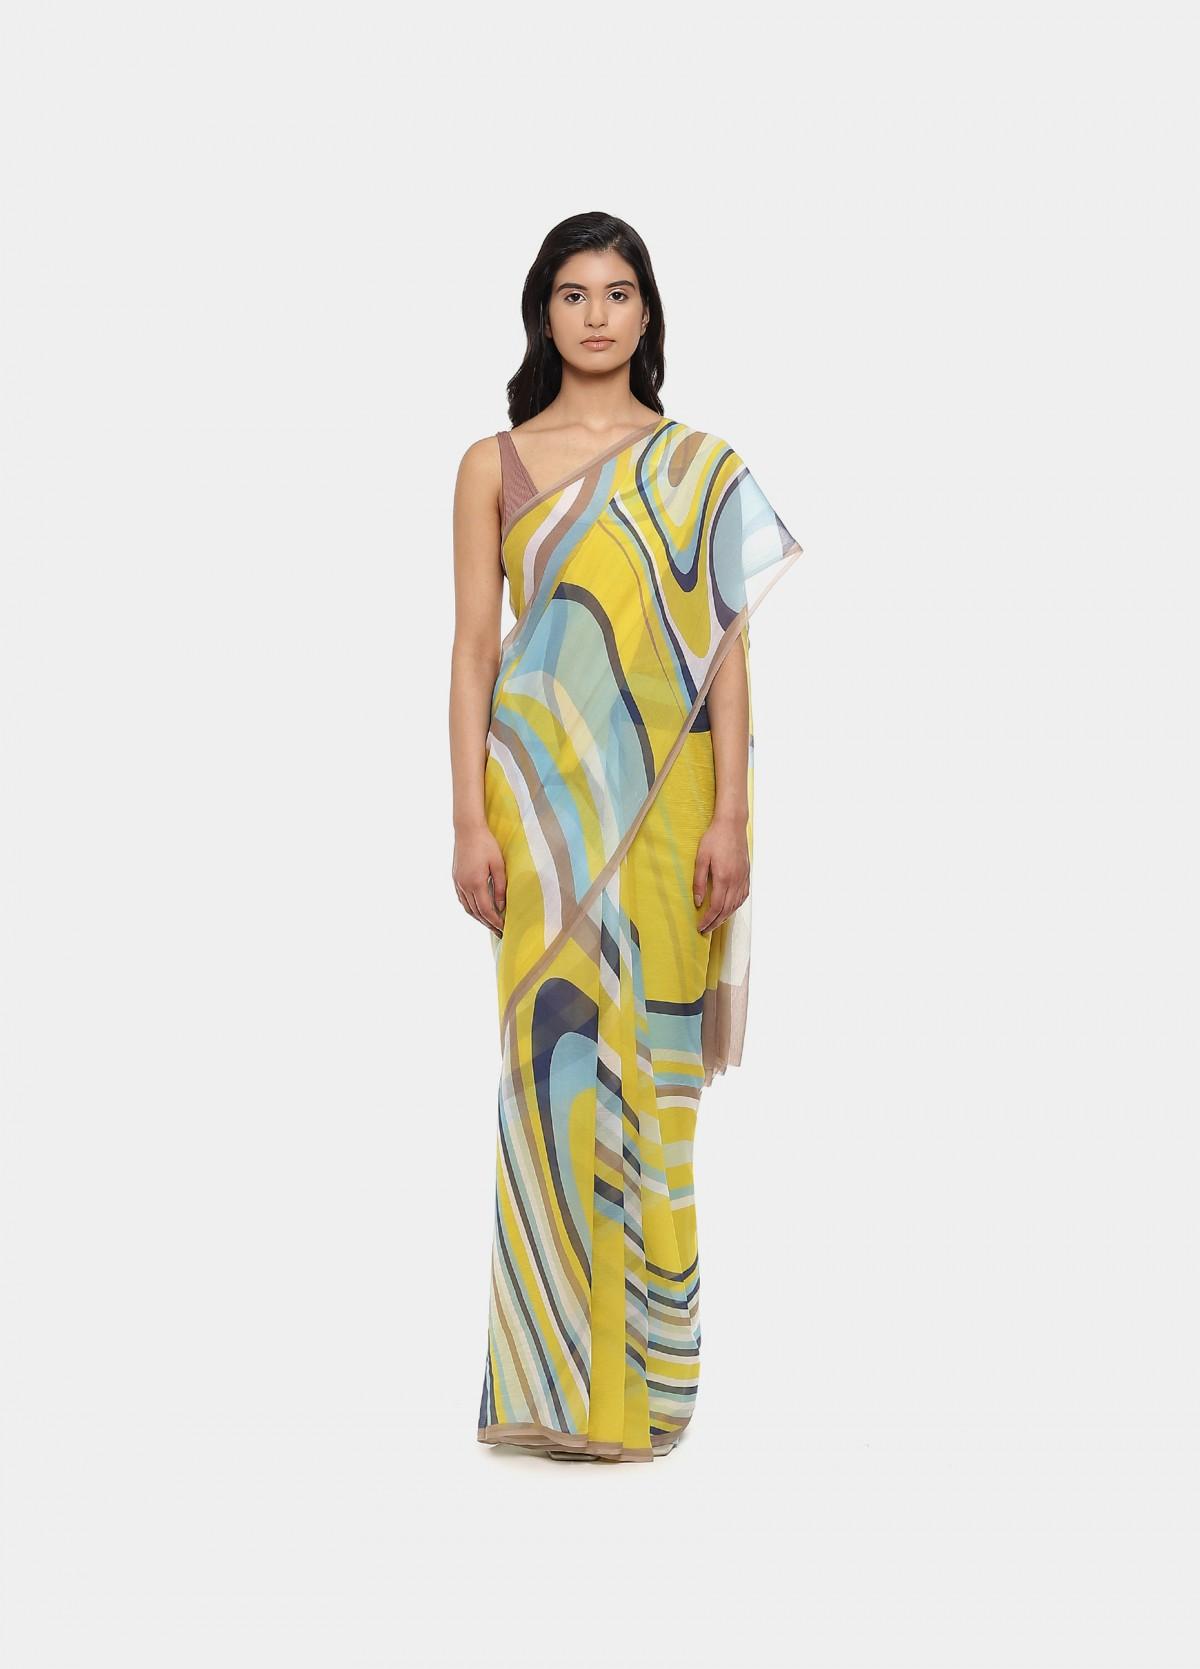 The Hesitation Yellow Sari